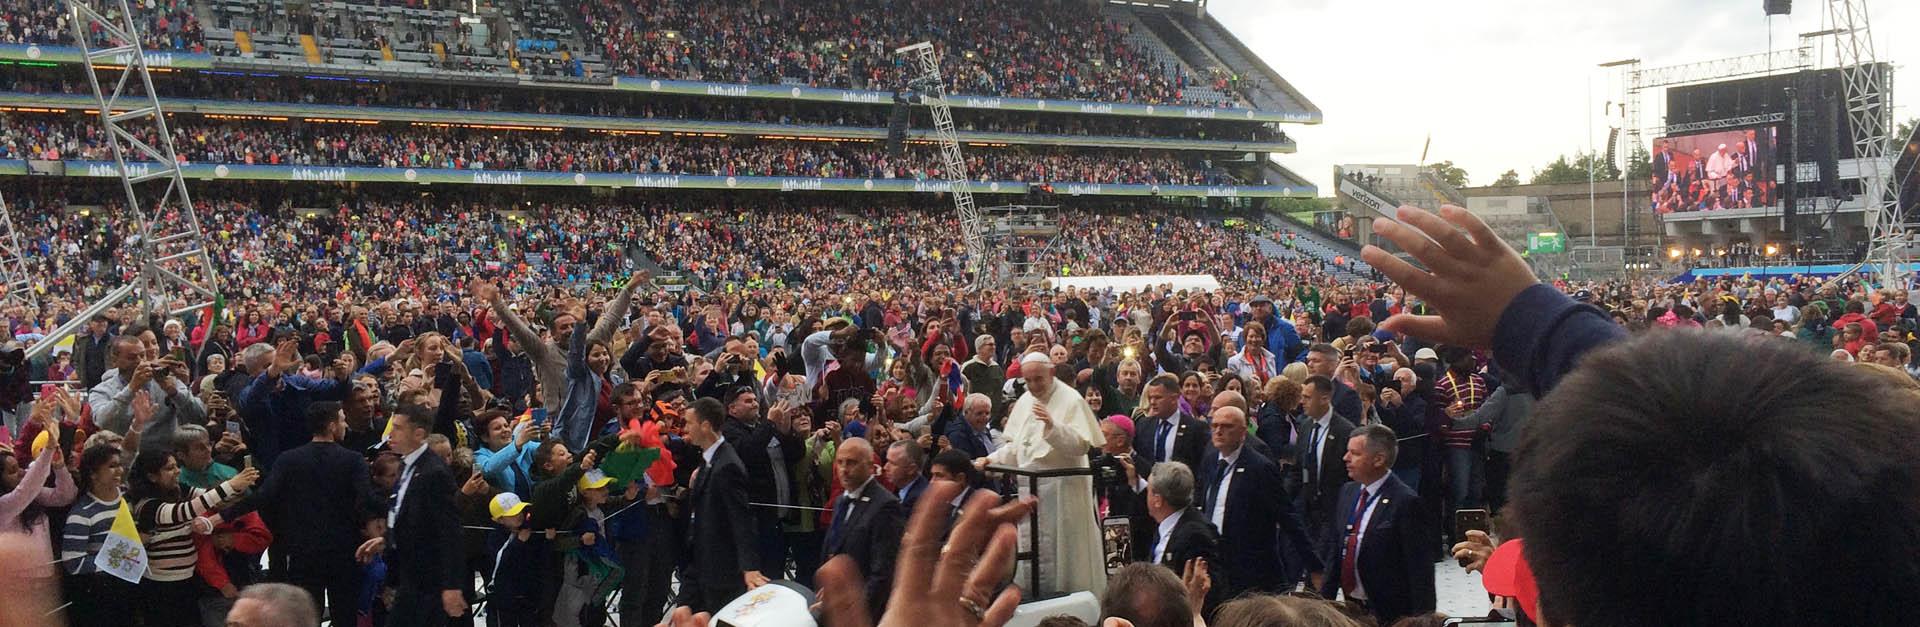 Incontri cattolici in Irlanda